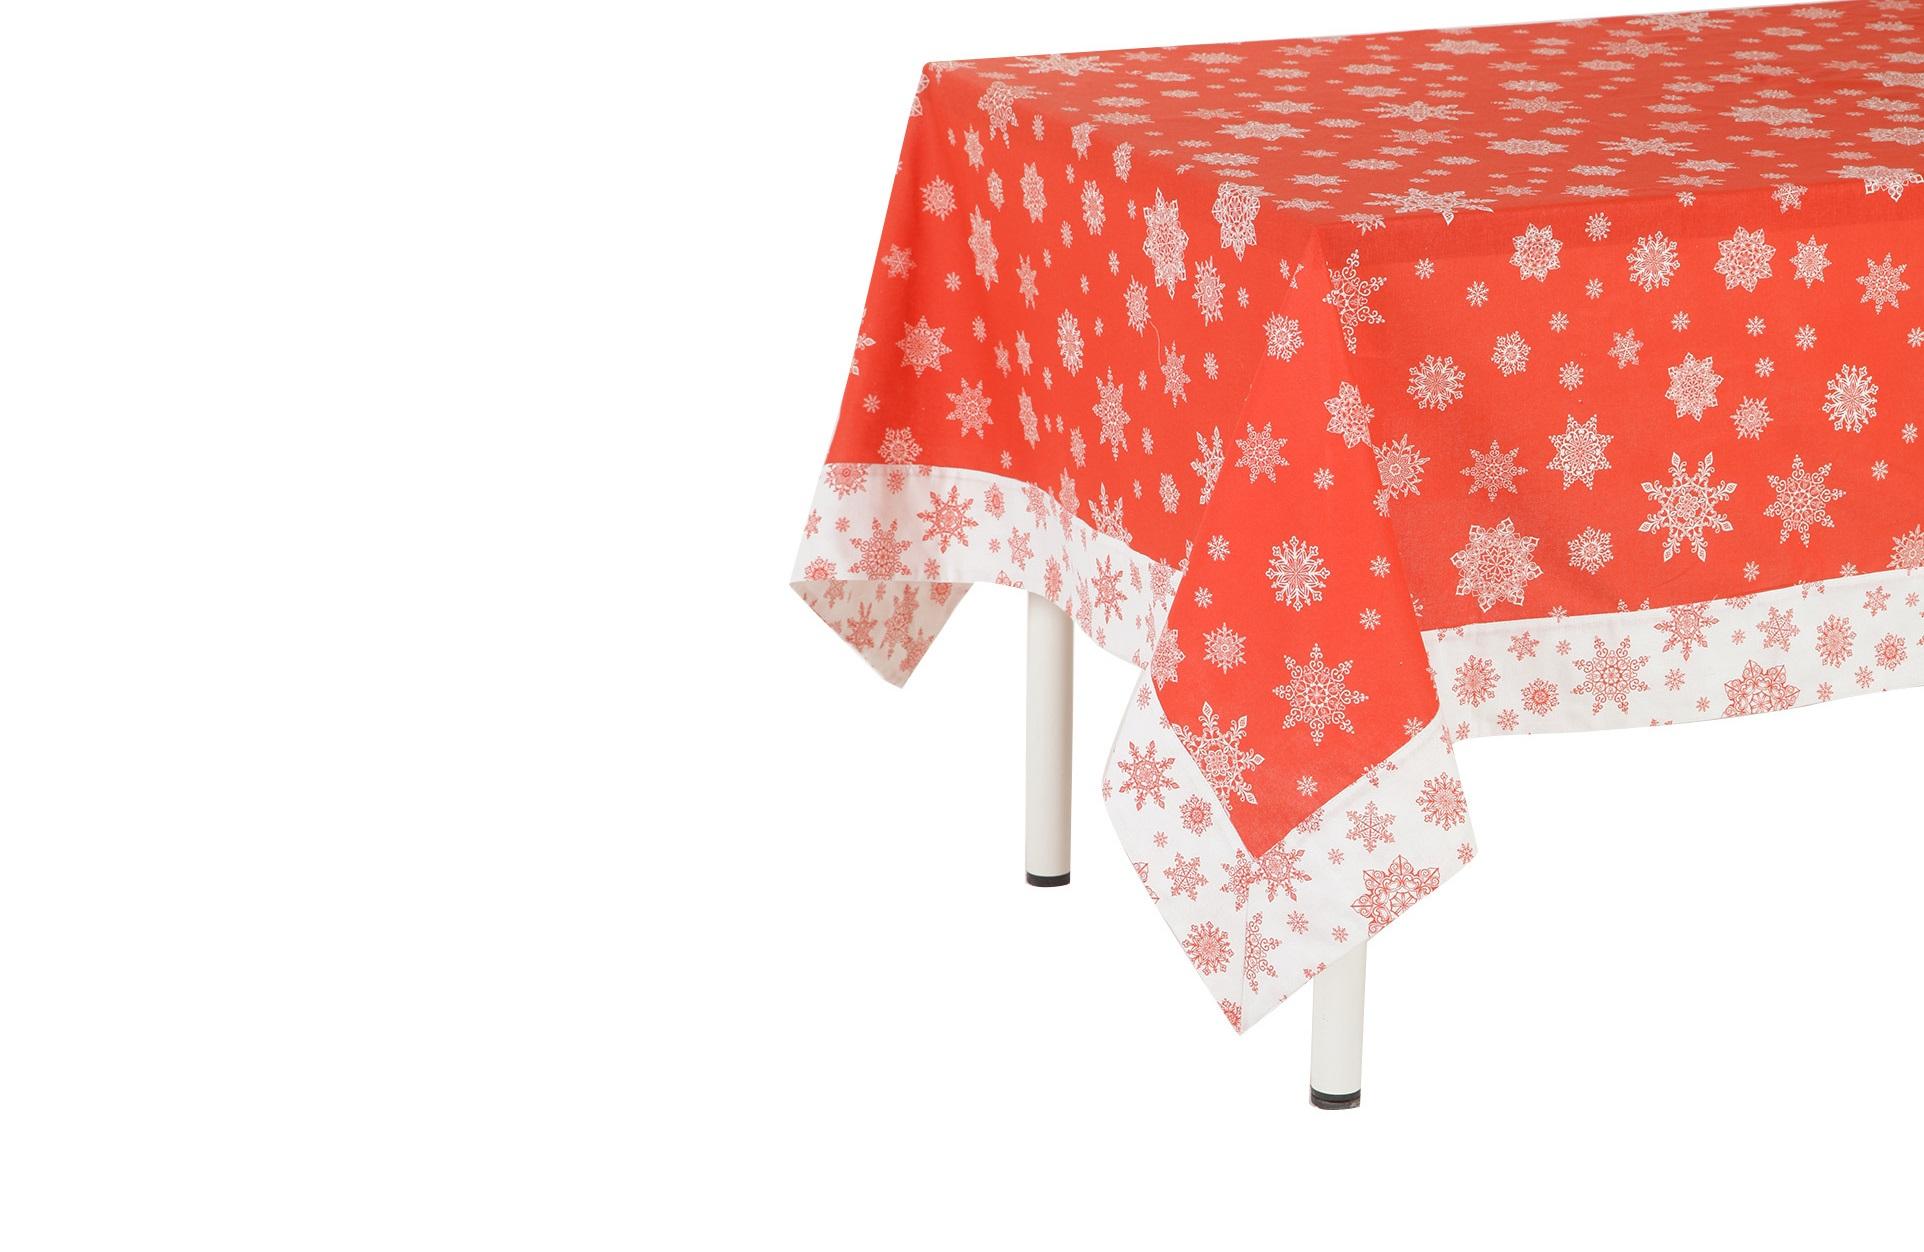 СкатертьСкатерти<br>Скатерть с новогодней тематикой создаст за столом торжественно праздничную, но в то же время тёплую и уютную атмосферу. Эстетичный и функциональный аксессуар превратит любой обед в маленькое событие. Изысканный узор теплого оттенка внесёт благородную изысканность в столовое пространство. Плотная хлопковая ткань легко стирается и не изнашивается. Обедайте красиво!<br><br>Material: Хлопок<br>Length см: None<br>Width см: 150<br>Depth см: 180<br>Diameter см: None